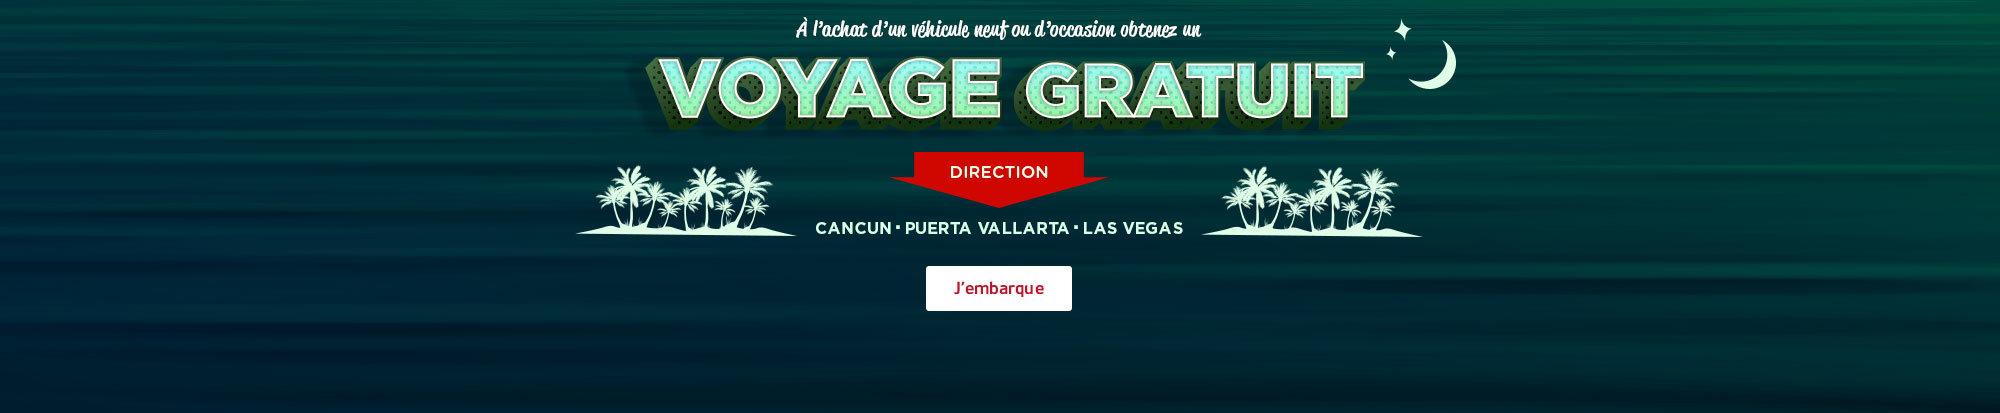 Voyage gratuit! web